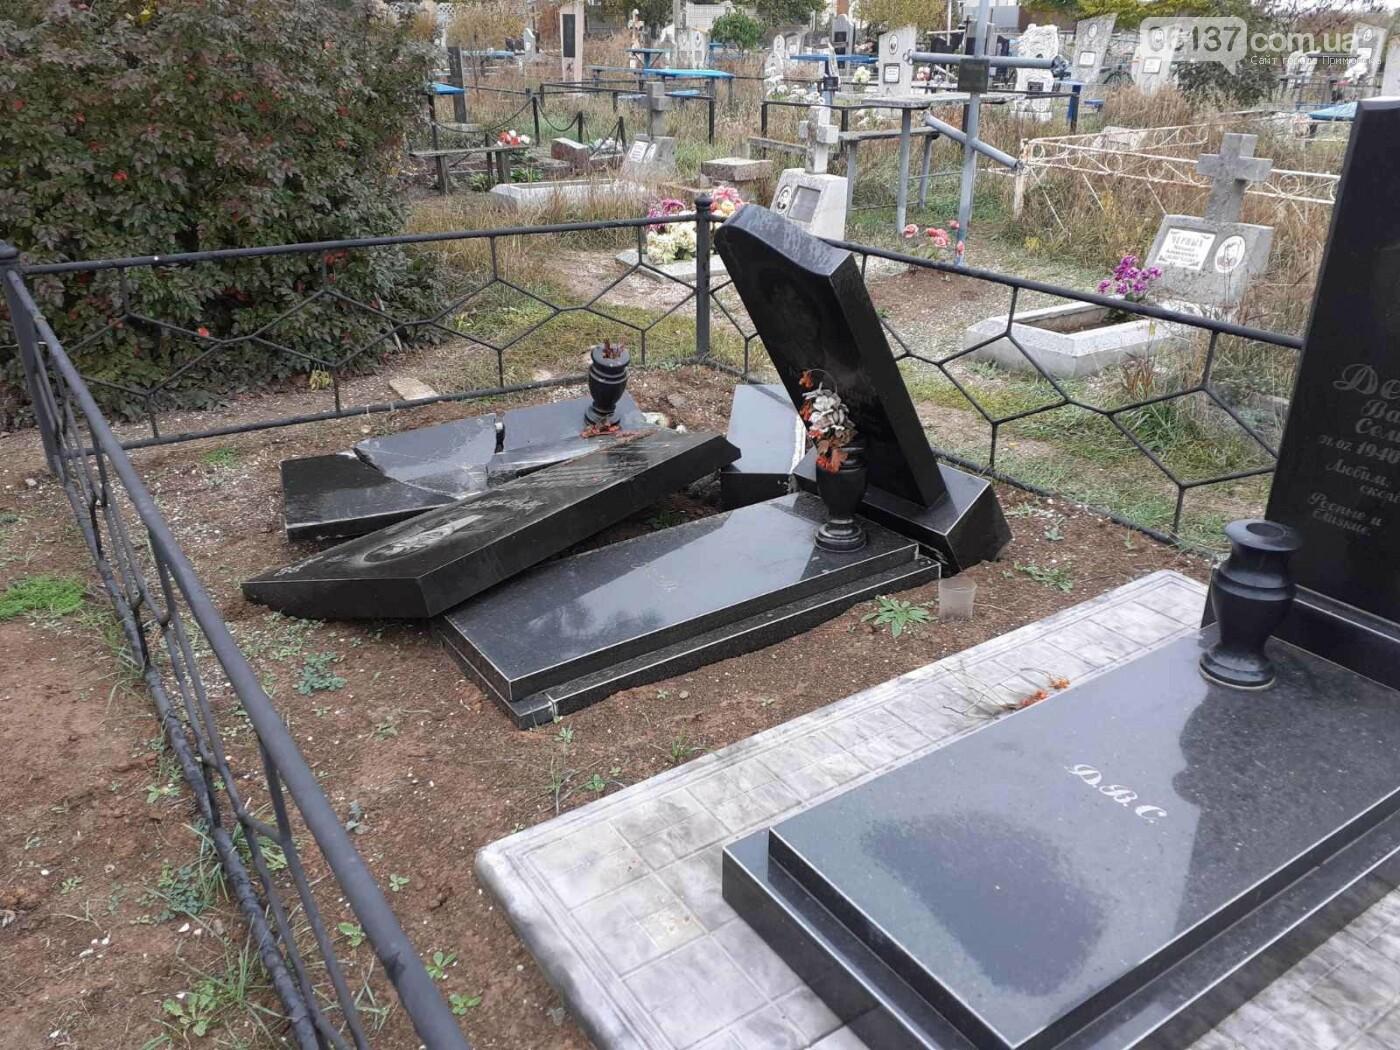 В Приморске Запорожской области вандалы разрушили могильные надгробия, фото-3